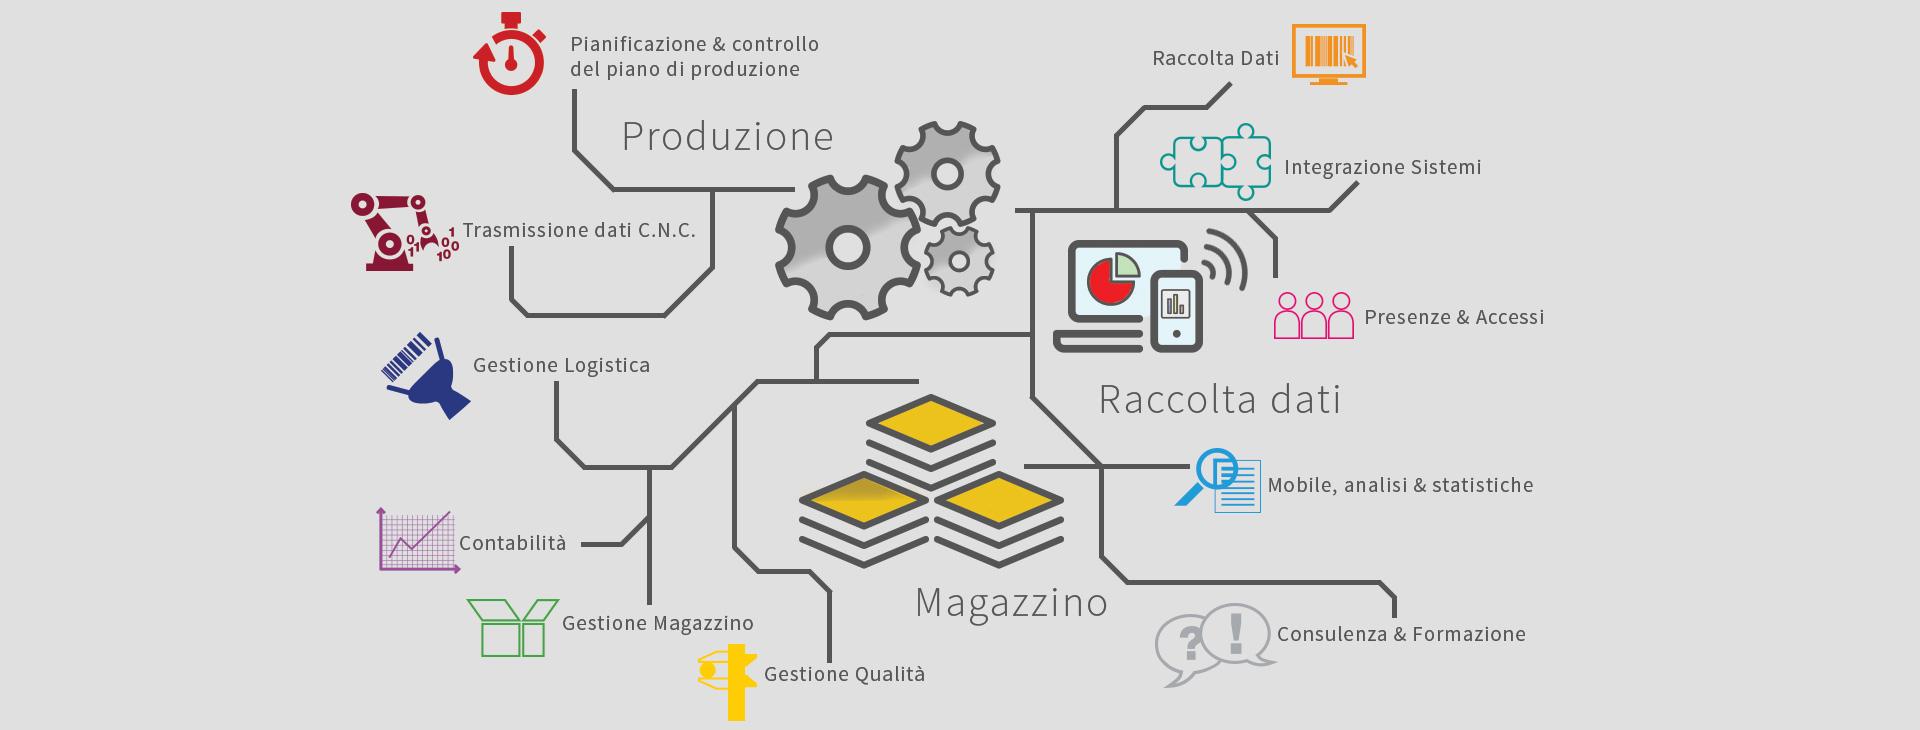 Industria 4.0: Oltre 25 anni di esperienza in soluzioni tecnologiche per l'automazione,  la connessione e l'ottimizzazione dei processi produttivi.